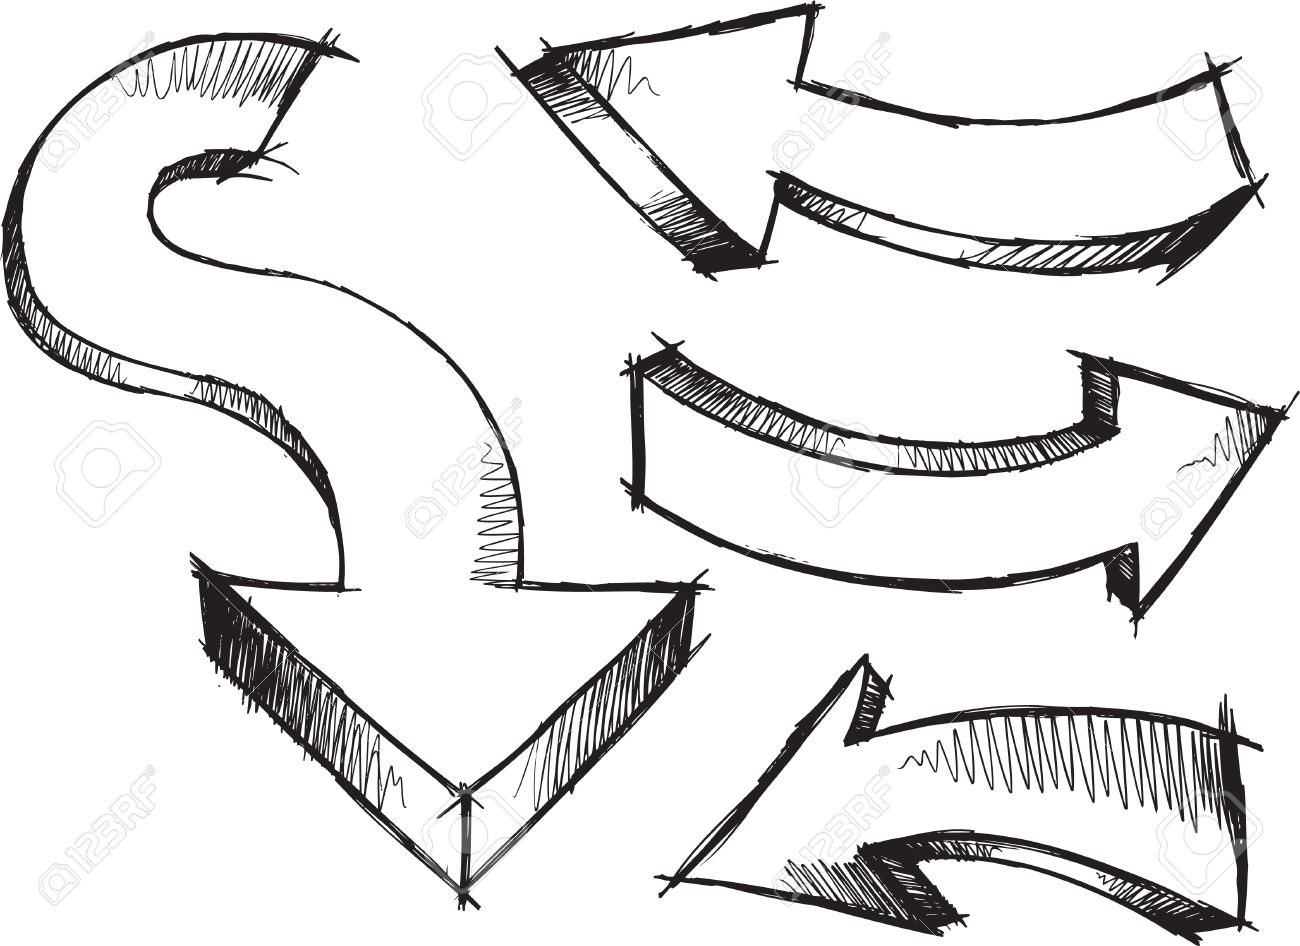 Sketchy Arrows Illustration - 6847570